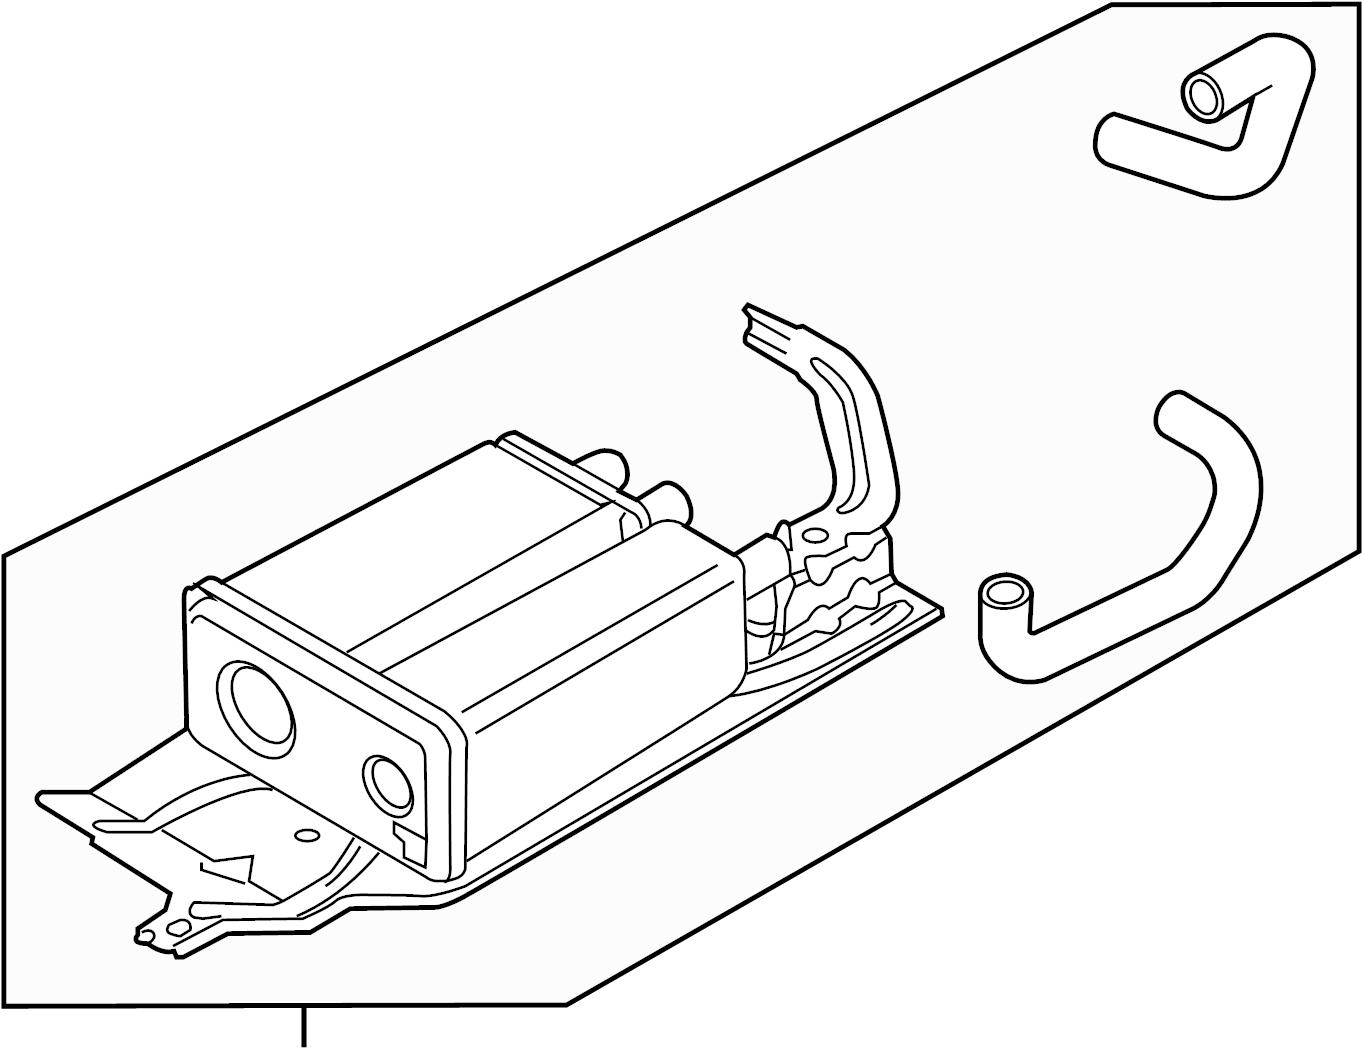 Ford Edge Vapor Canister. LITER, EMISSION, Evaporative